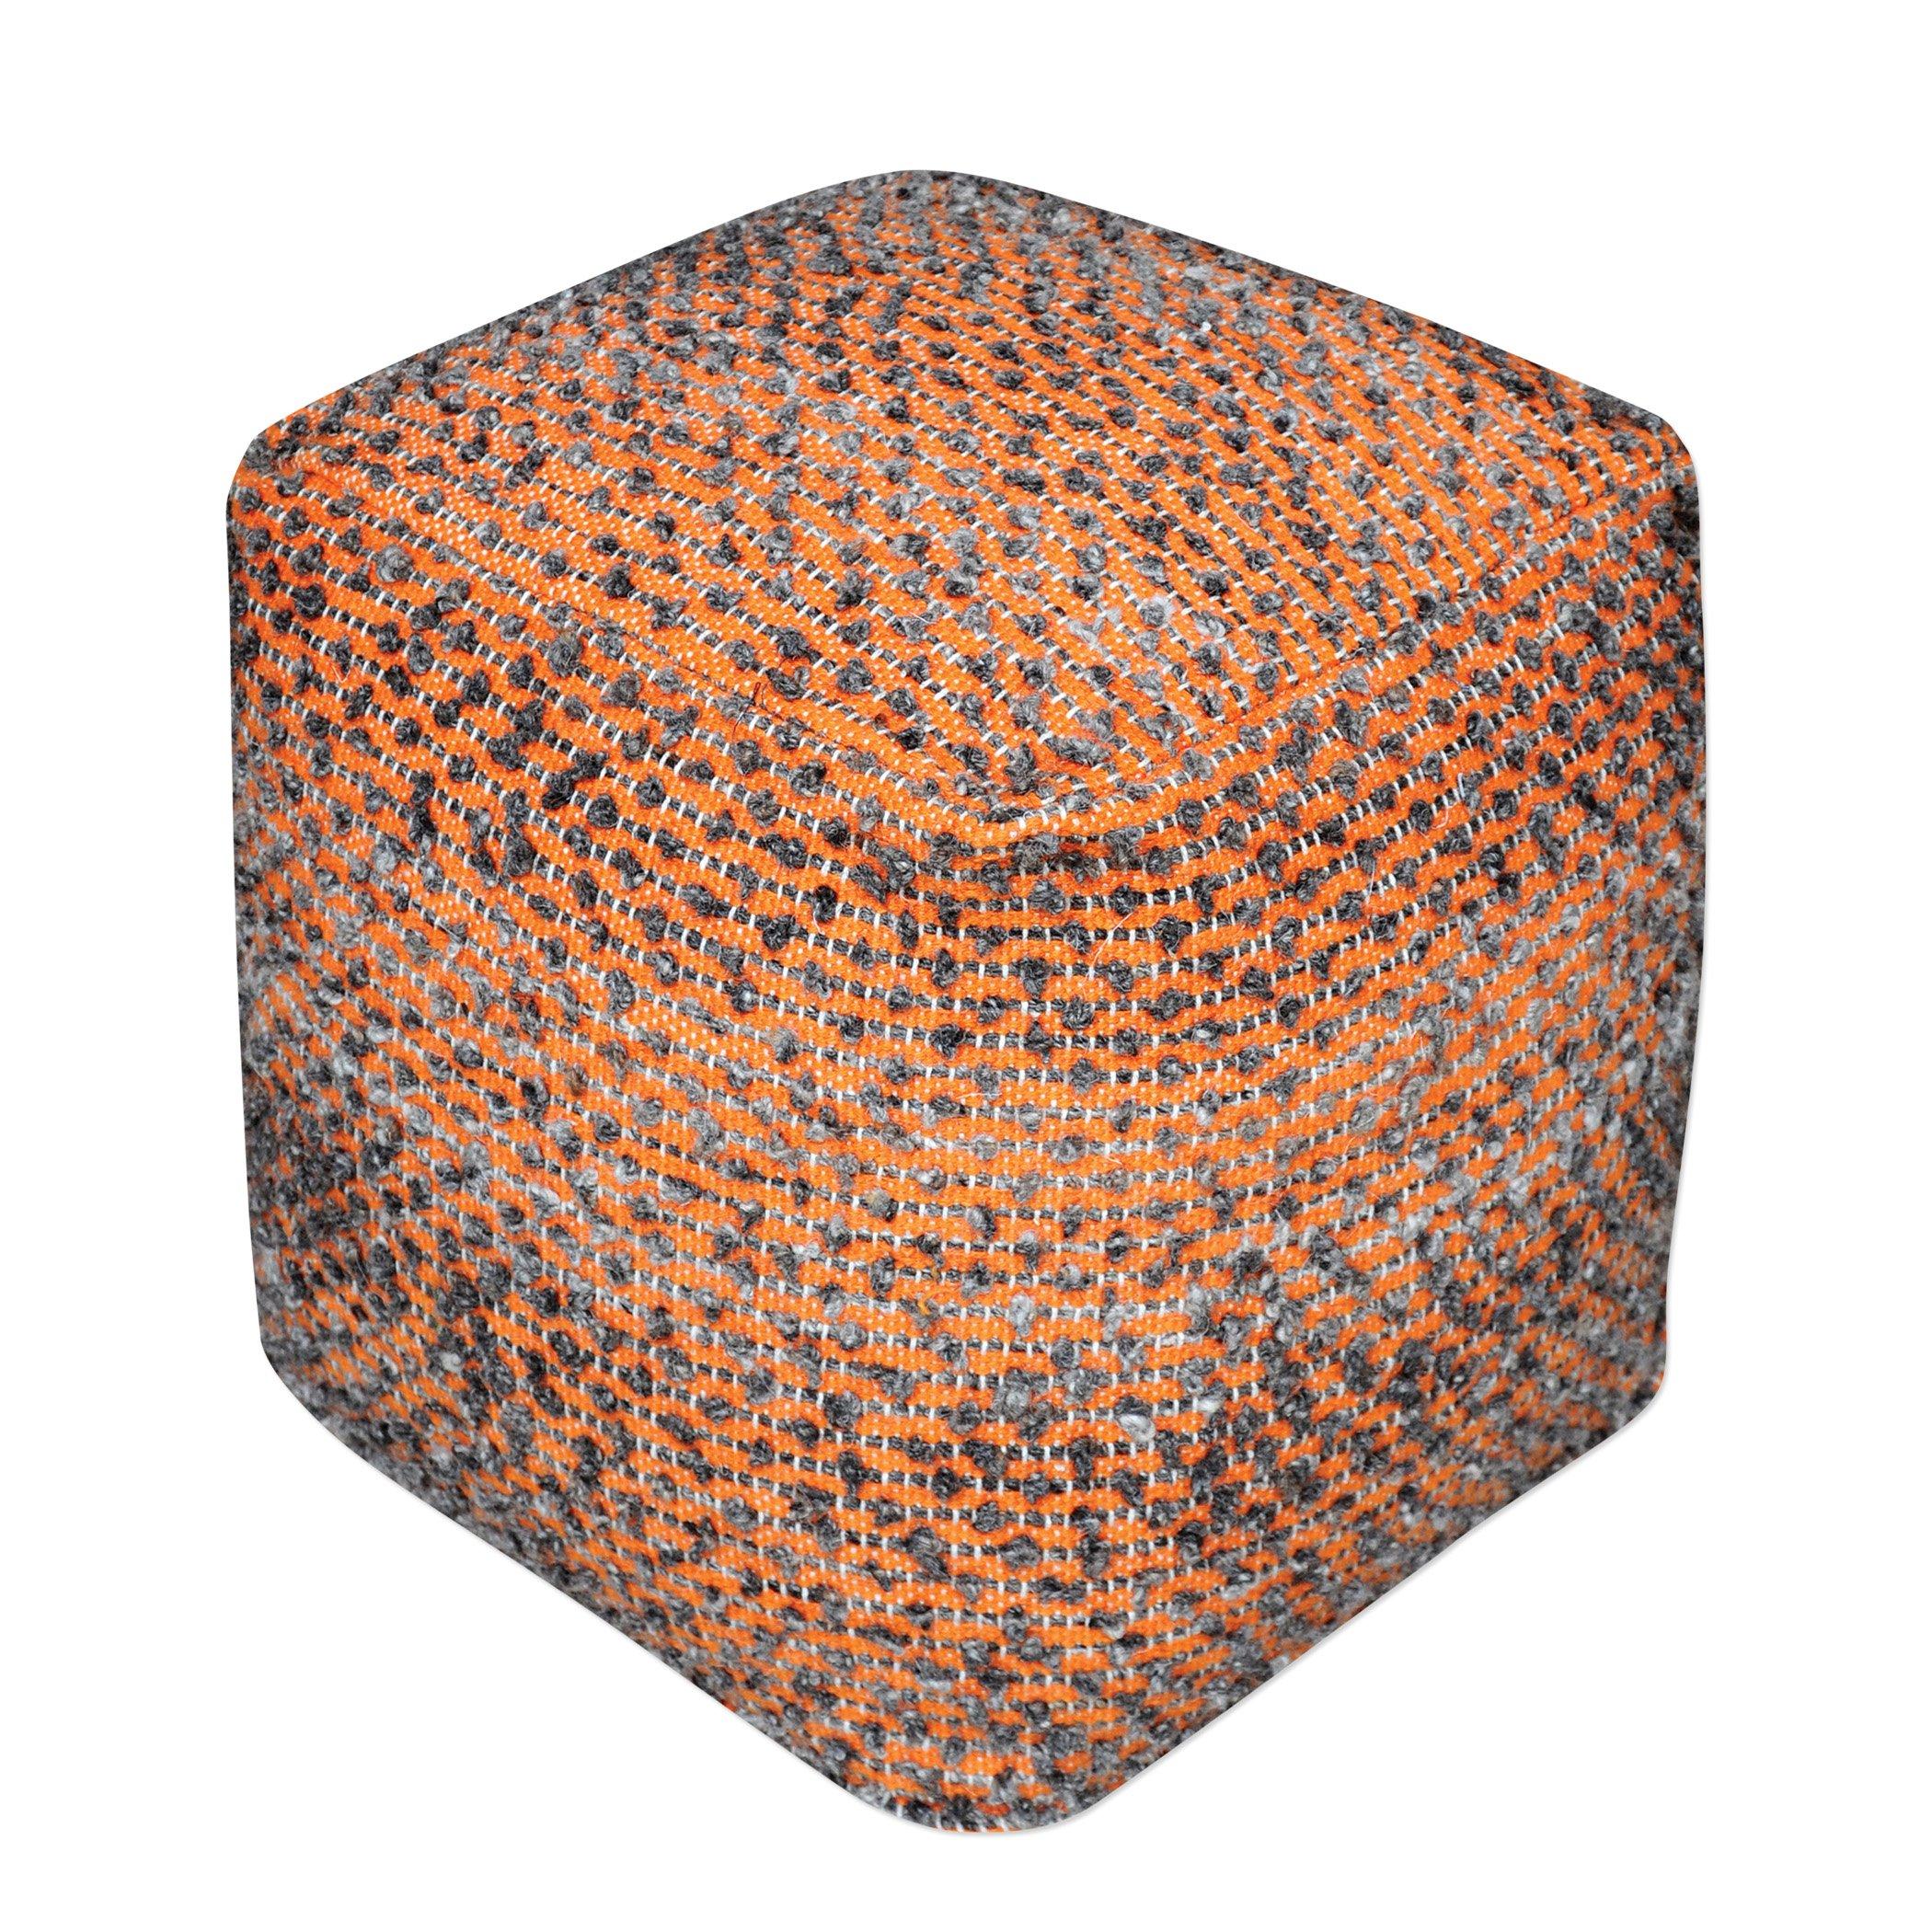 Orange Sunset Cotton Cube Pouf | Plush Ottoman Fabric Rust Seat Square Wool